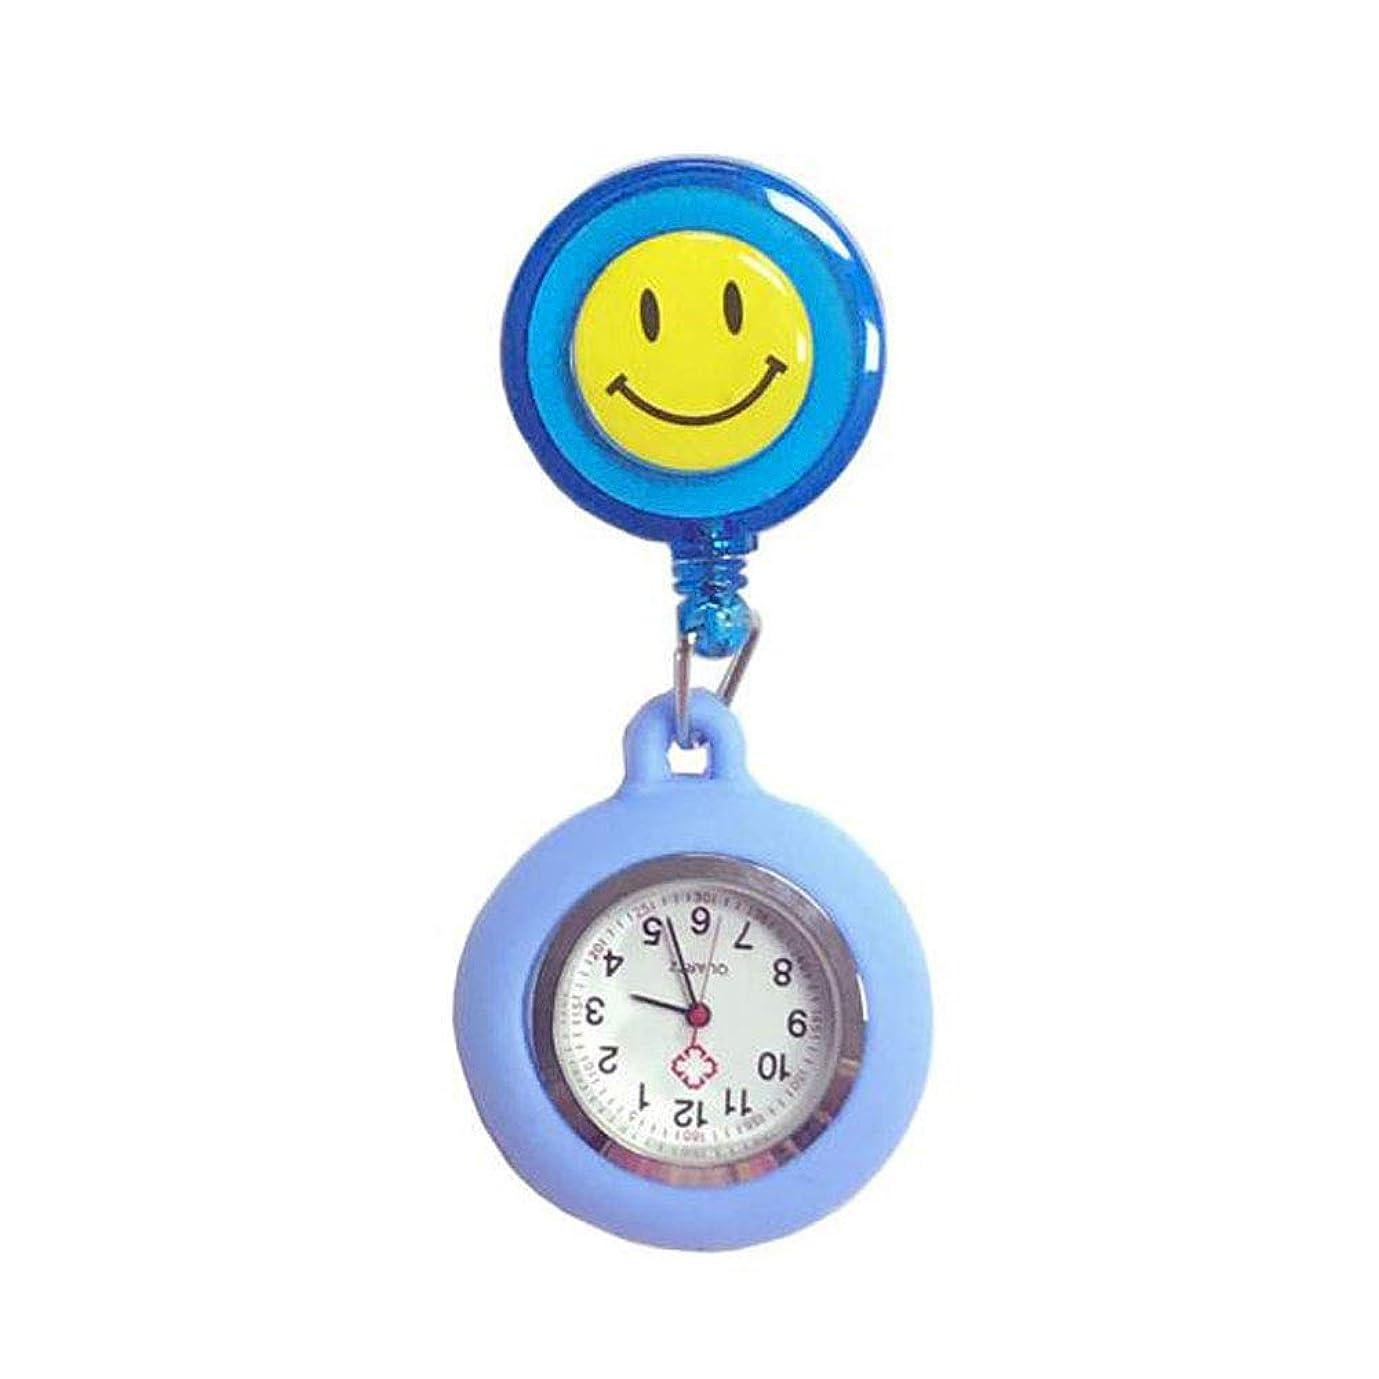 サンドイッチ起業家ゲインセイchaselpod ナースウォッチ 看護師時計 懐中時計 ポケットウォッチ 見やすい レディース かわいい 笑顔 シリコンカバー付き 伸張可能 介護士 最適 男女兼用